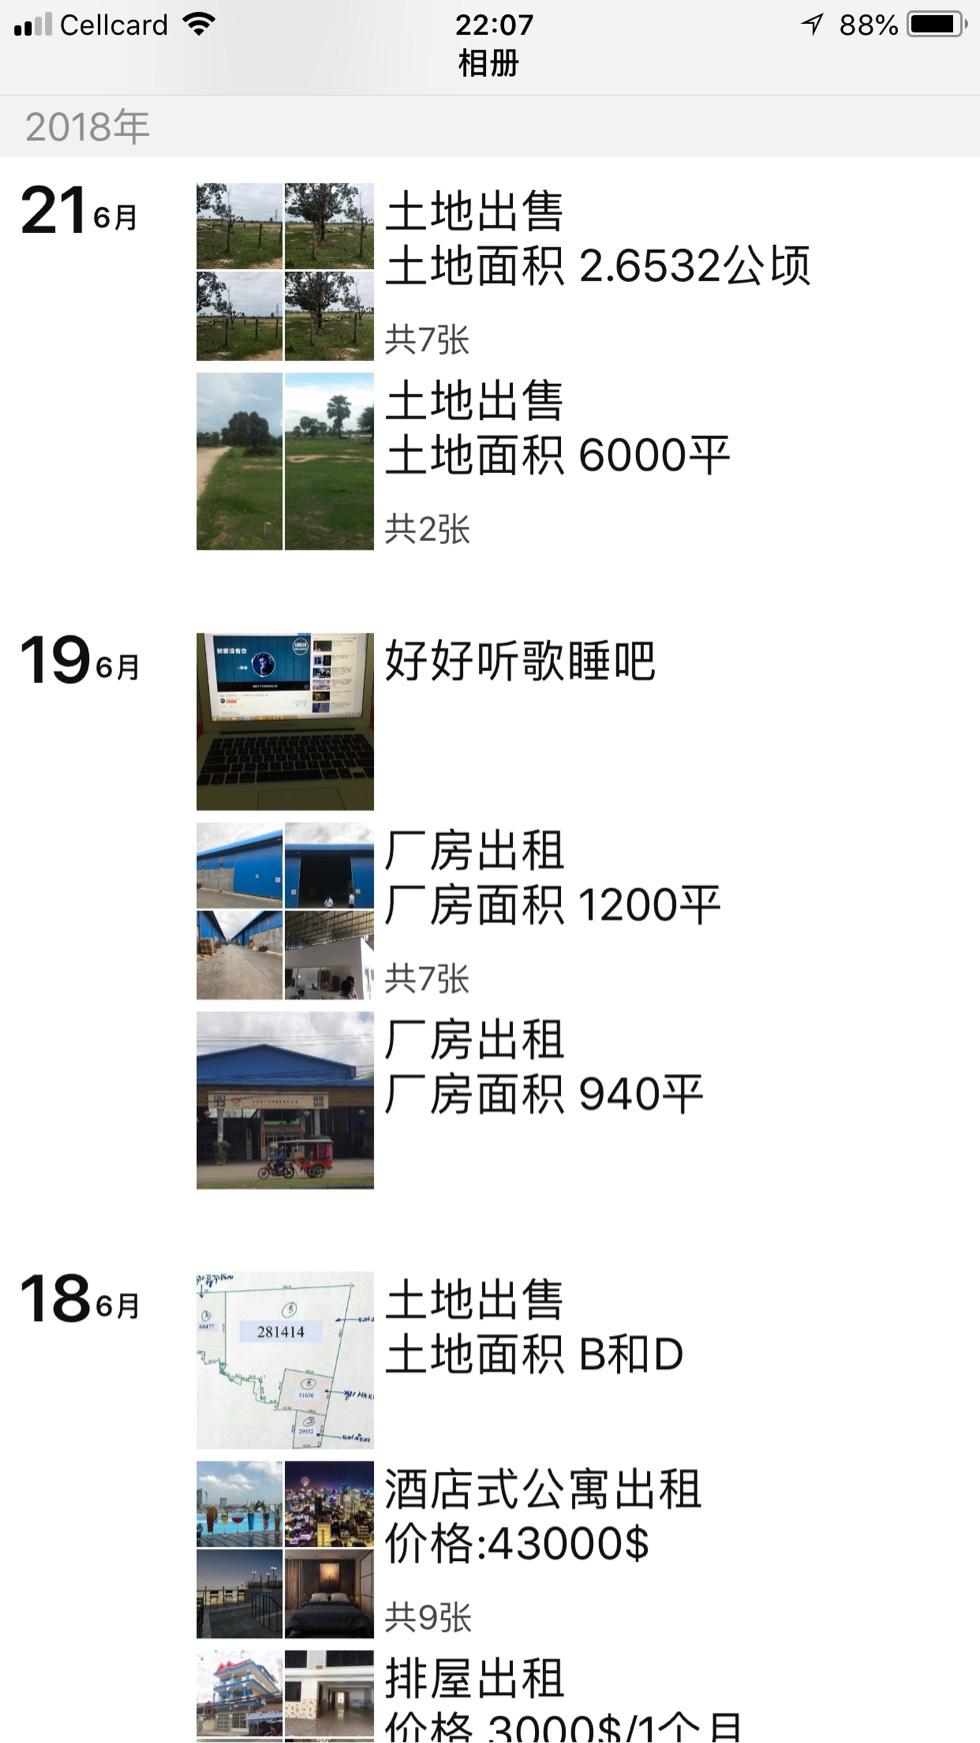 所有客户需要买金边,西港,国公,贡布土地